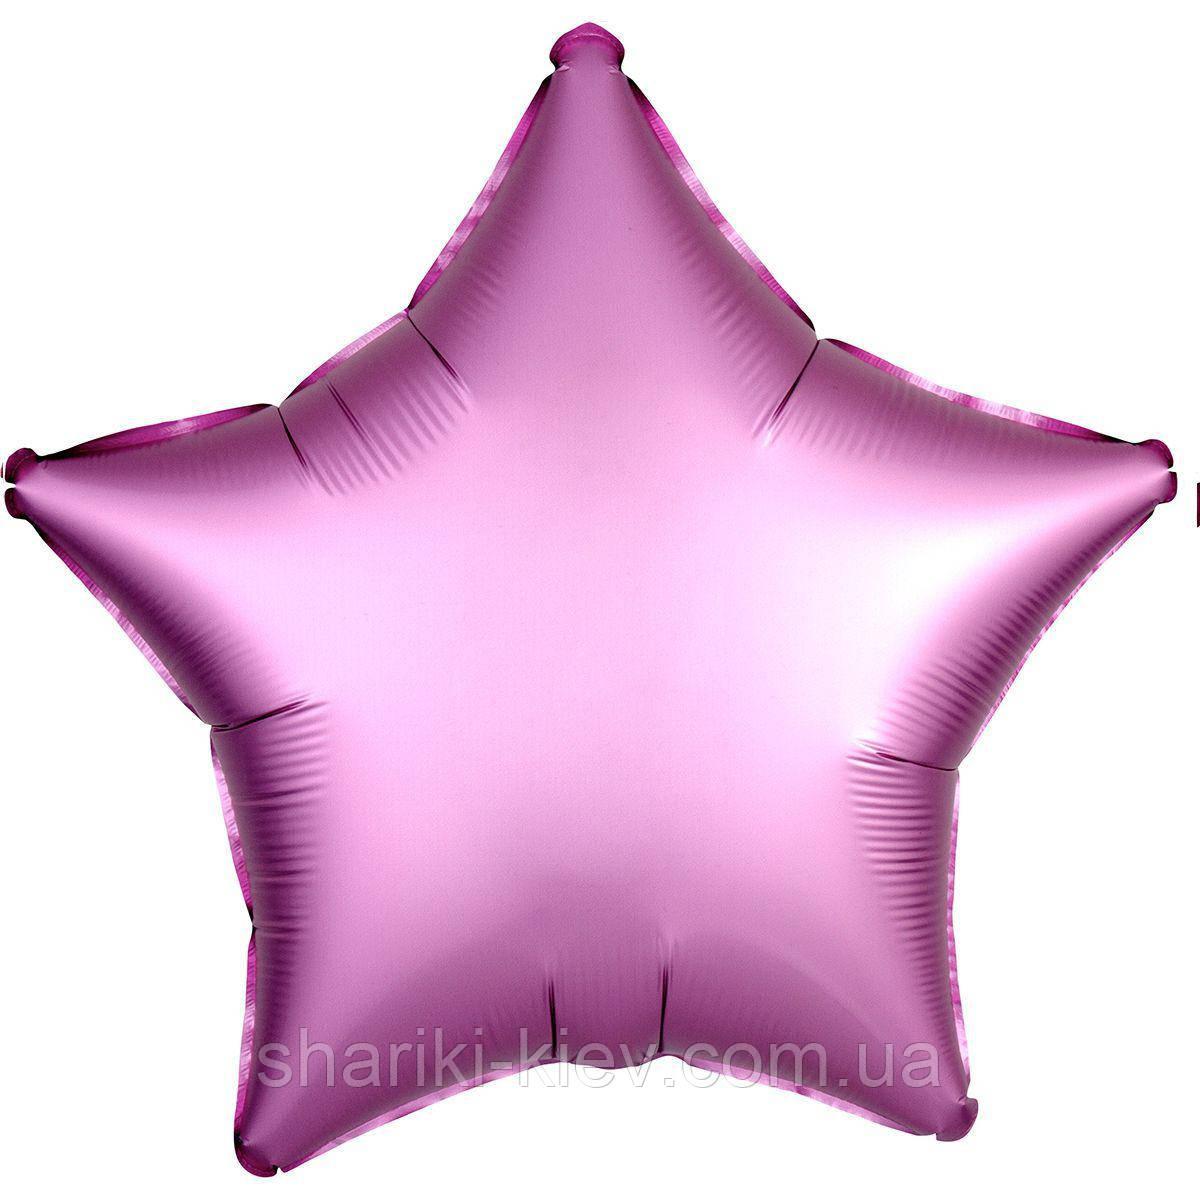 Фольгированная Звезда Сатин Фламинго